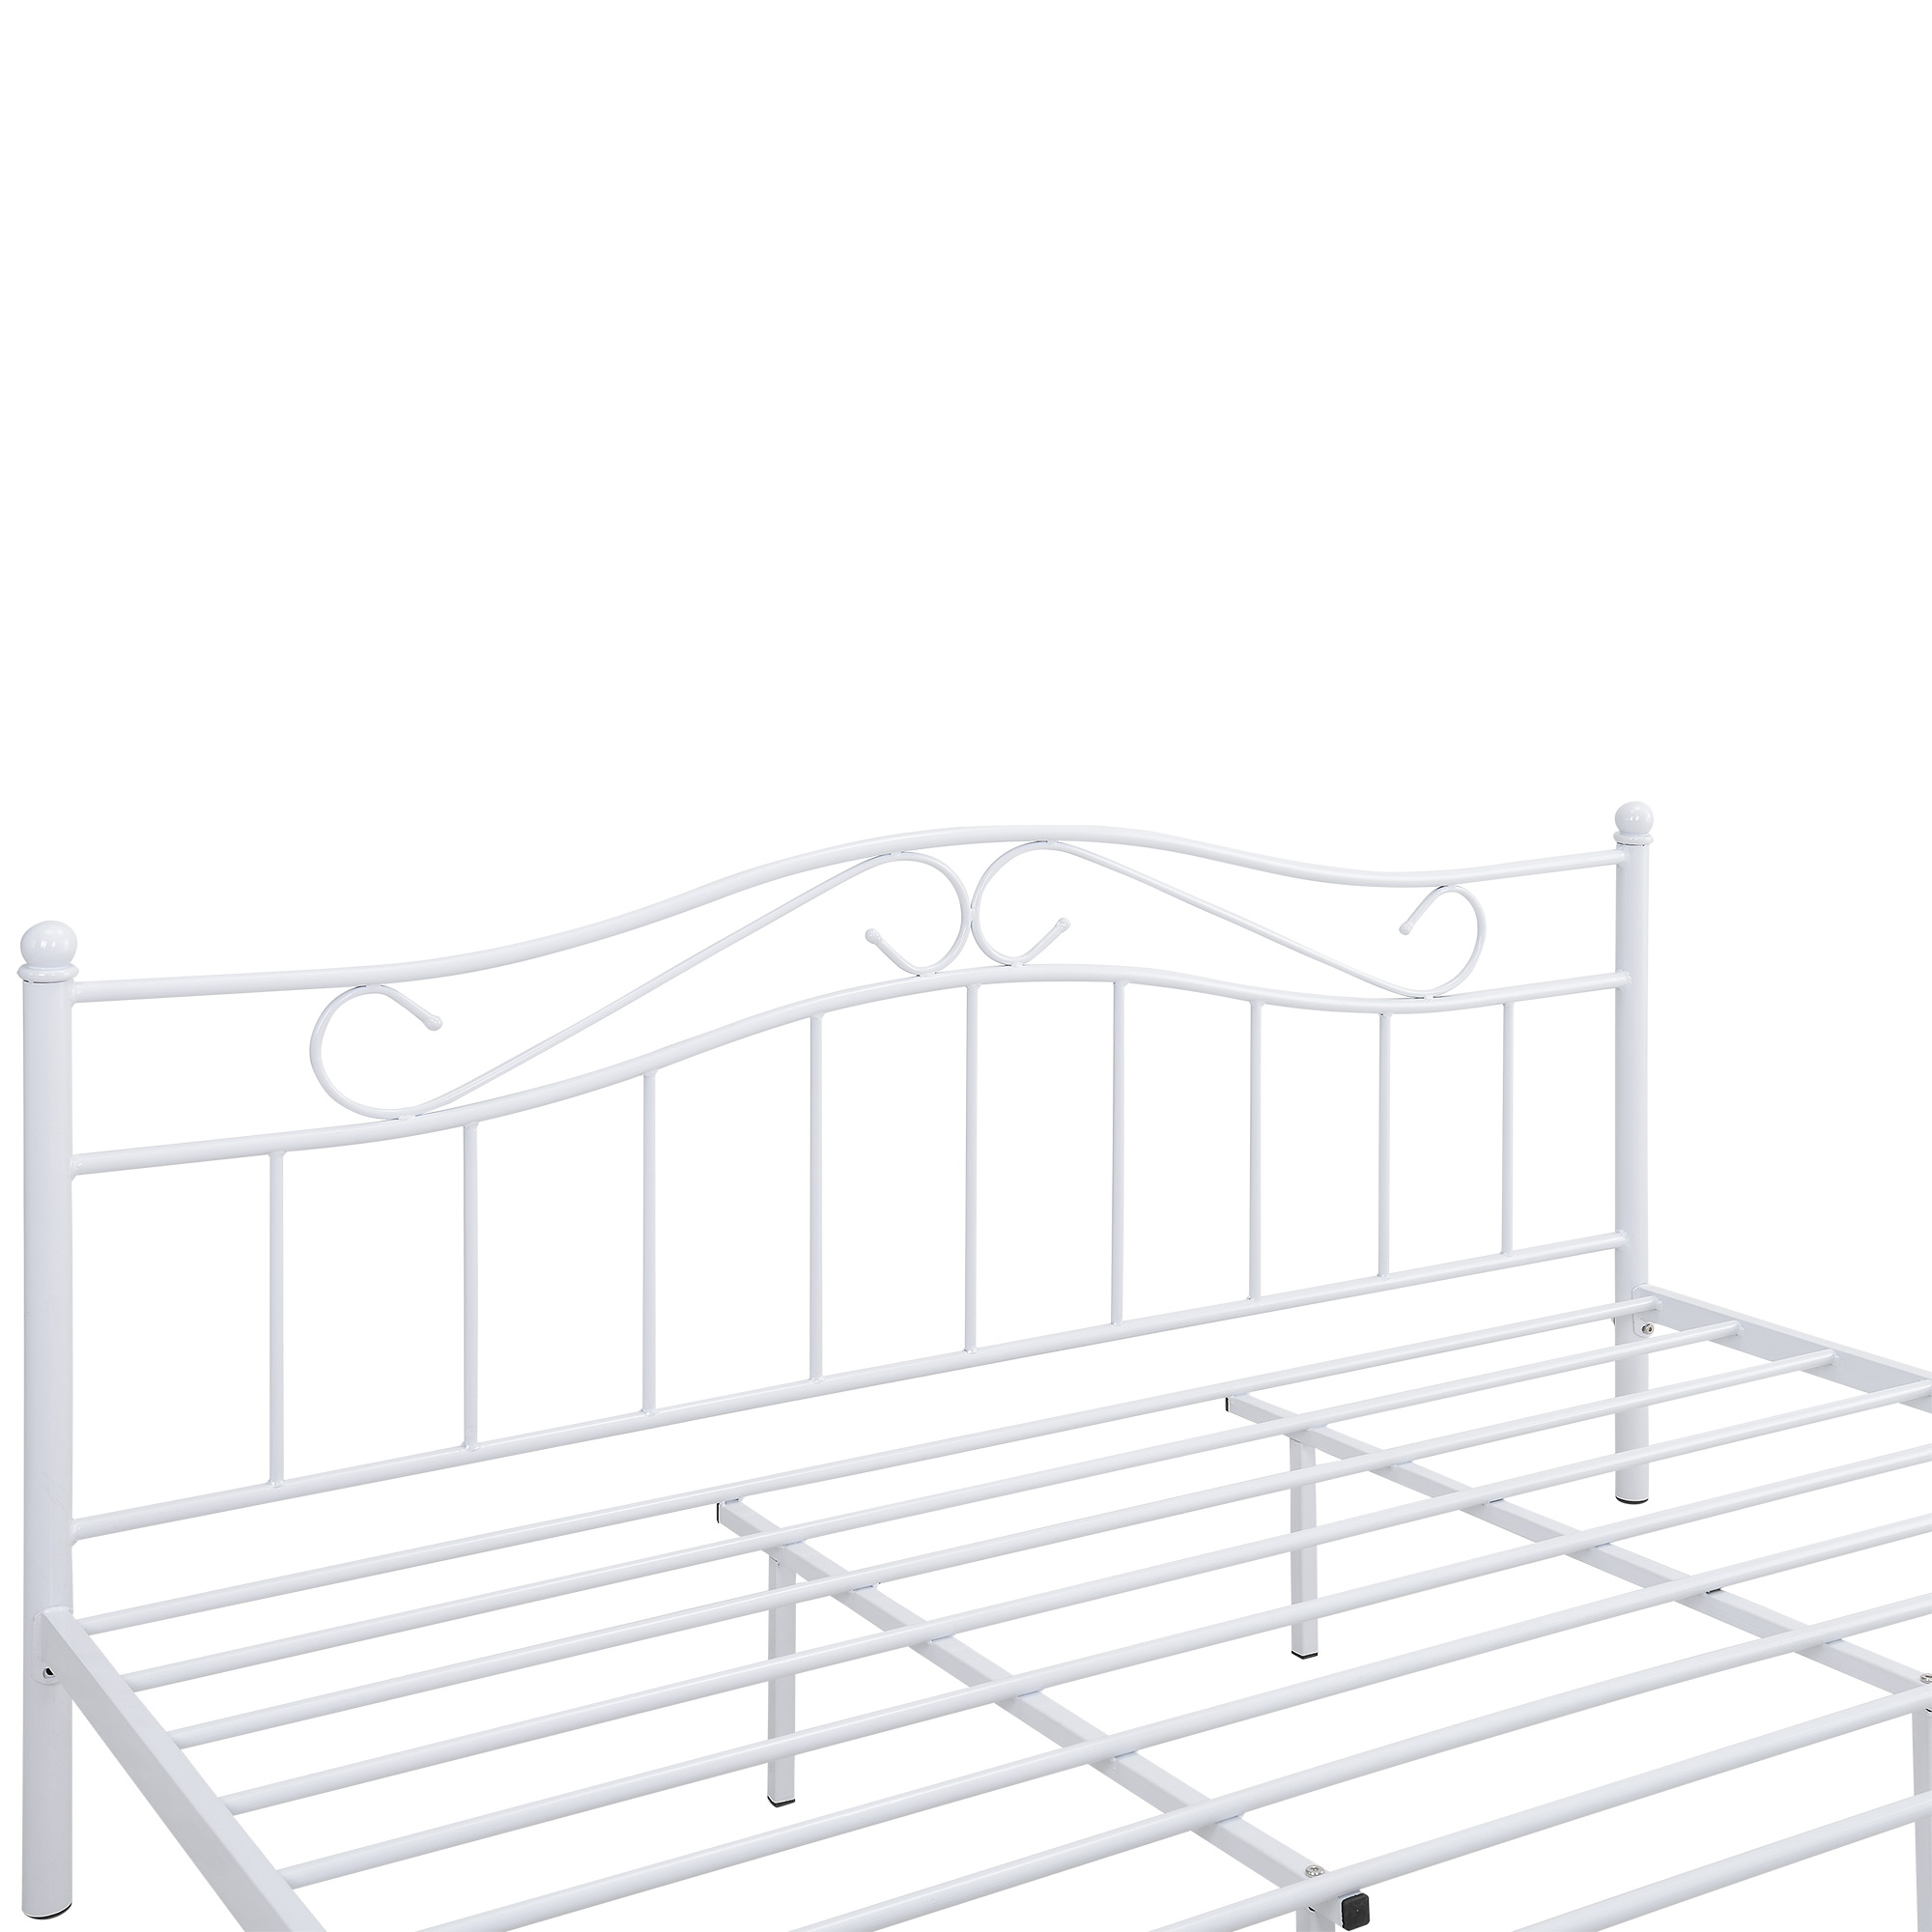 metallbett 140 160 180 200x200cm bett bettgestell doppelbett jugend ebay. Black Bedroom Furniture Sets. Home Design Ideas